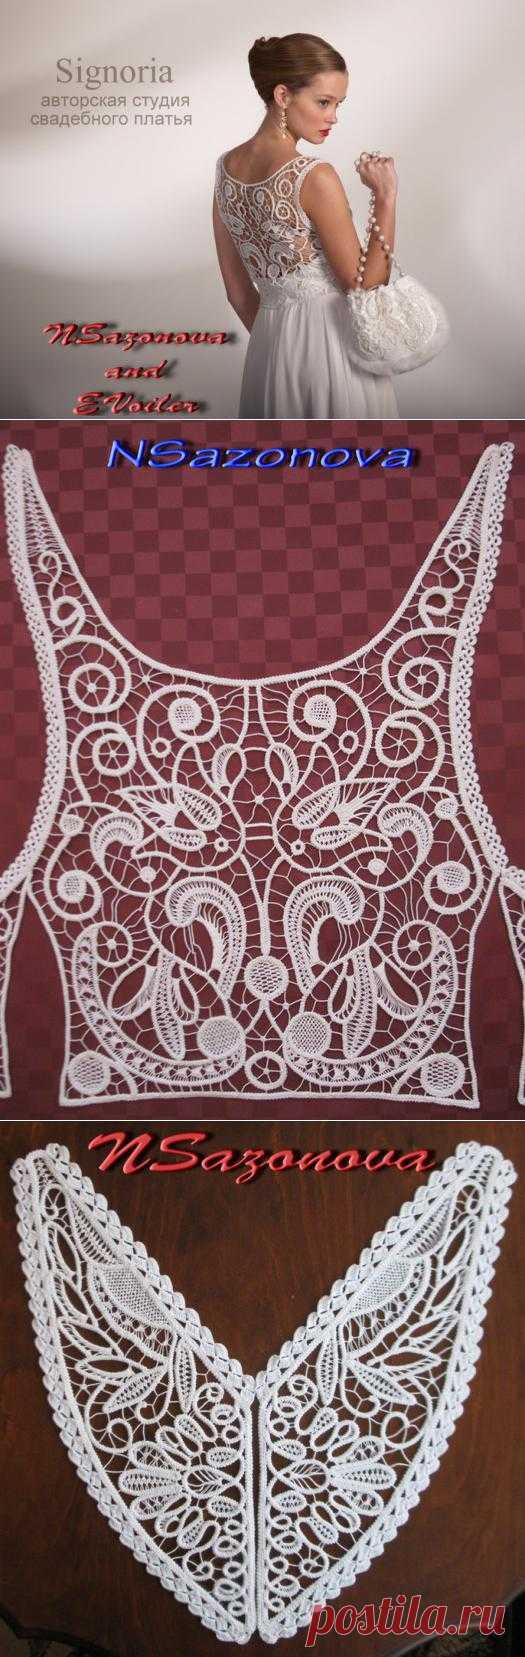 Блоги@Mail.Ru: Свадебные платья и румынское кружево Натальи Сазоновой